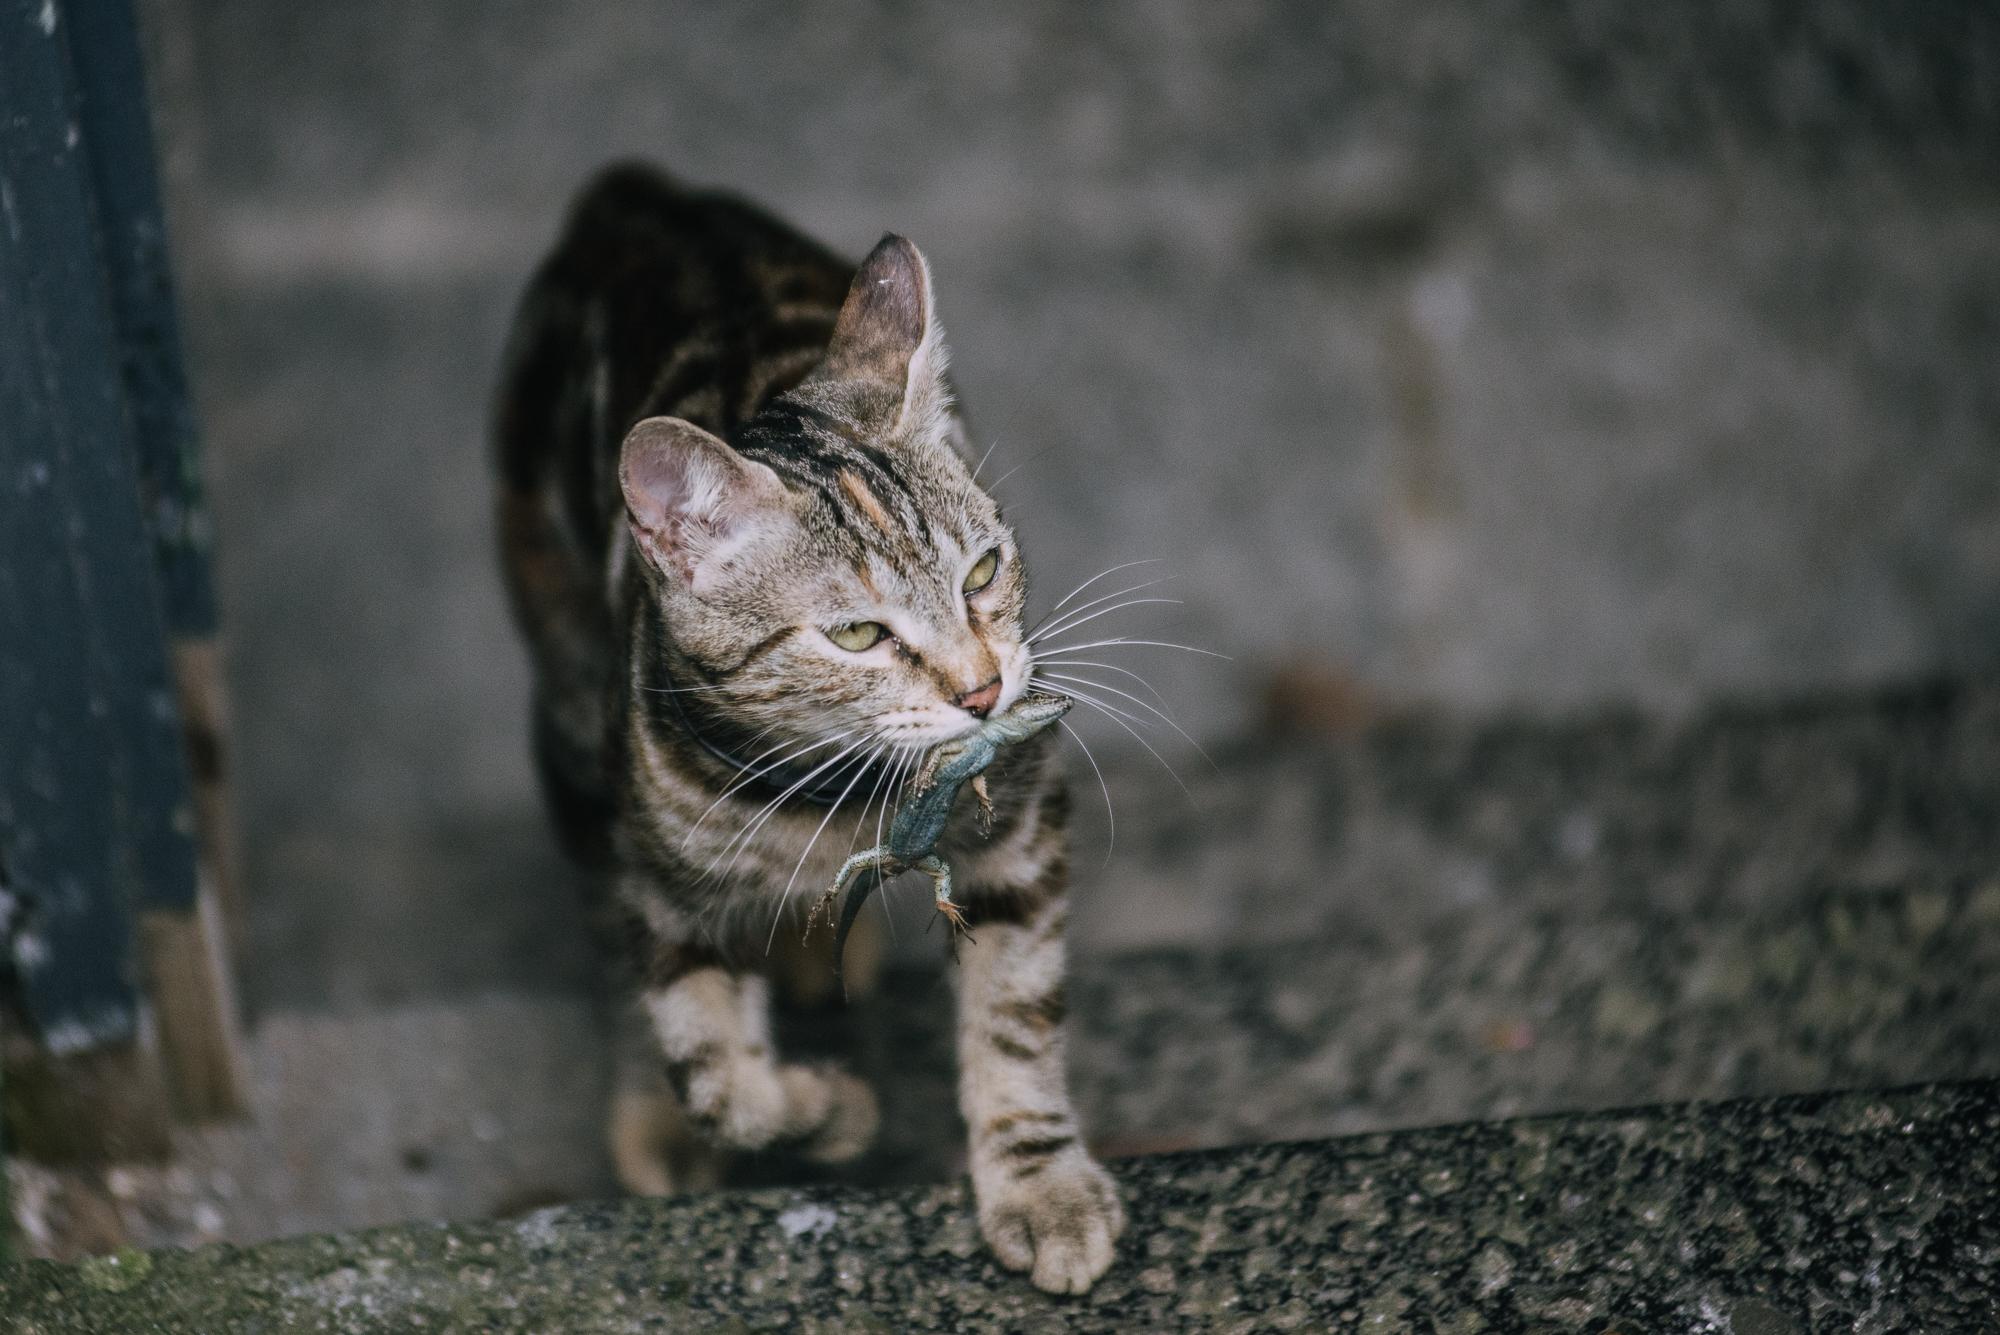 Macska játszik egy gyíkkal.